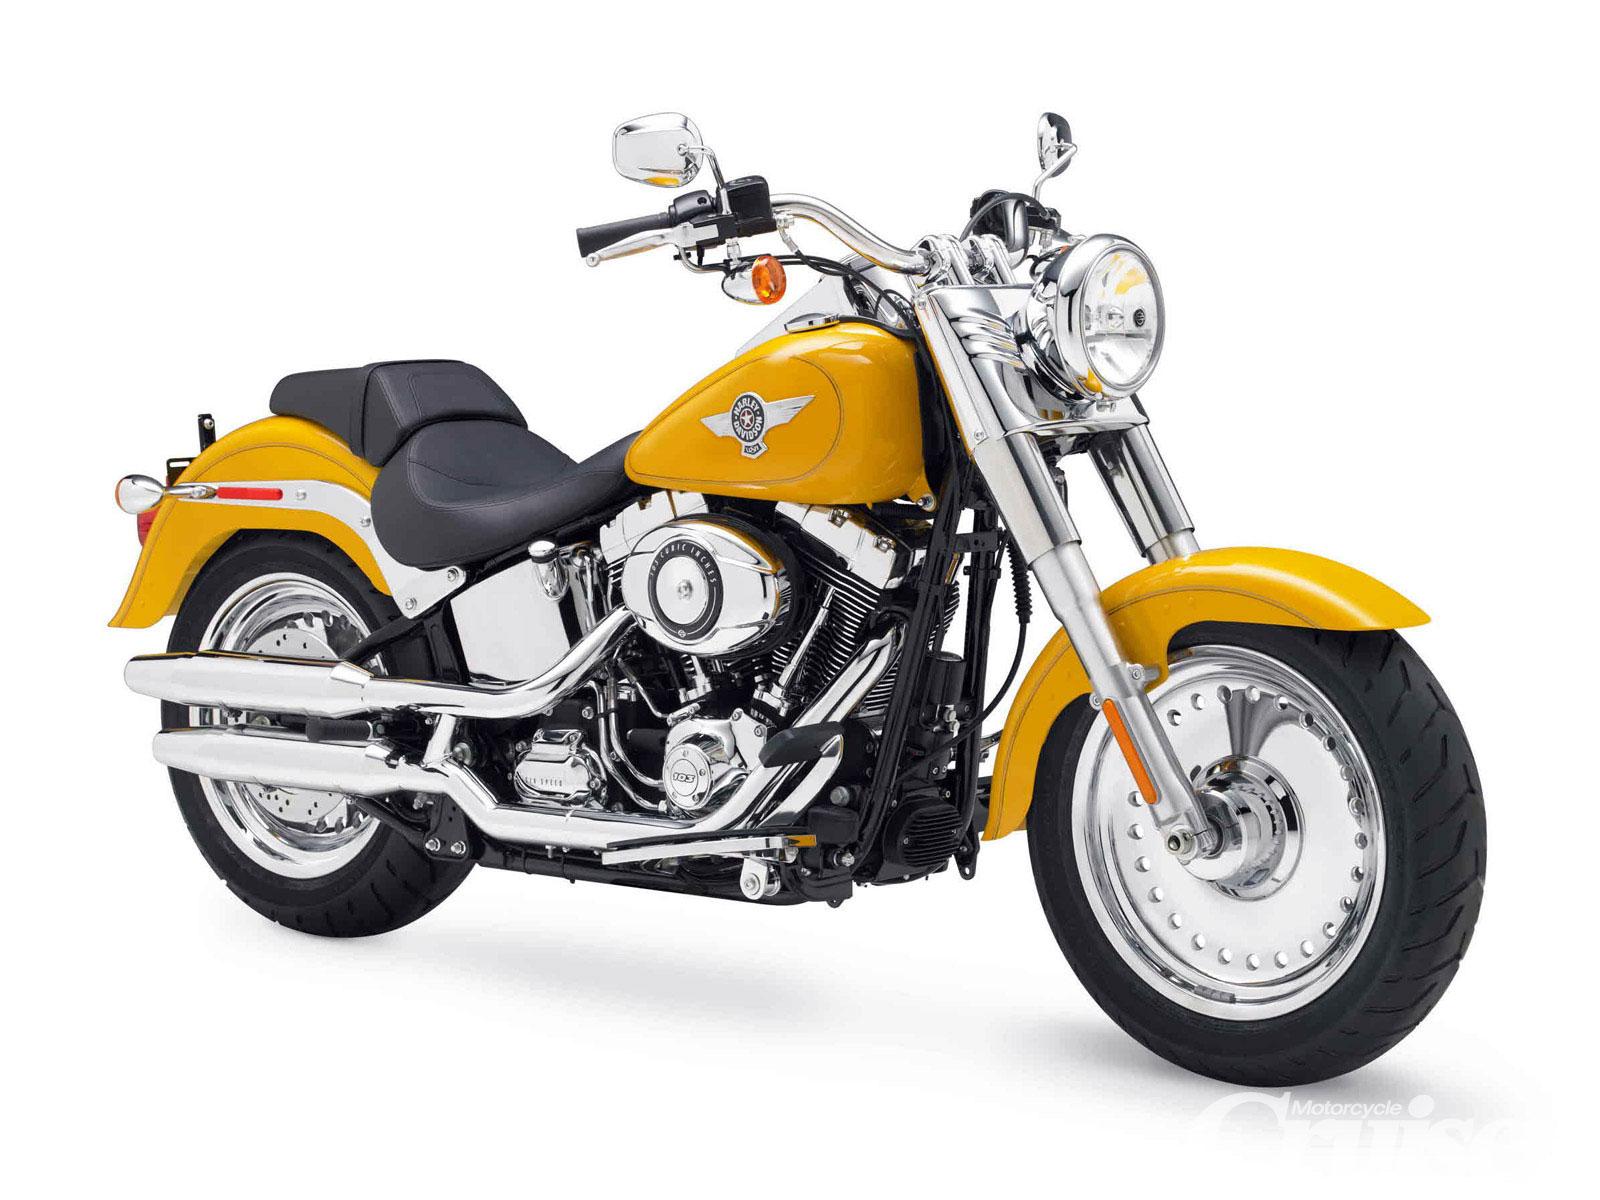 harley davidson motorcycle harley davidson models. Black Bedroom Furniture Sets. Home Design Ideas